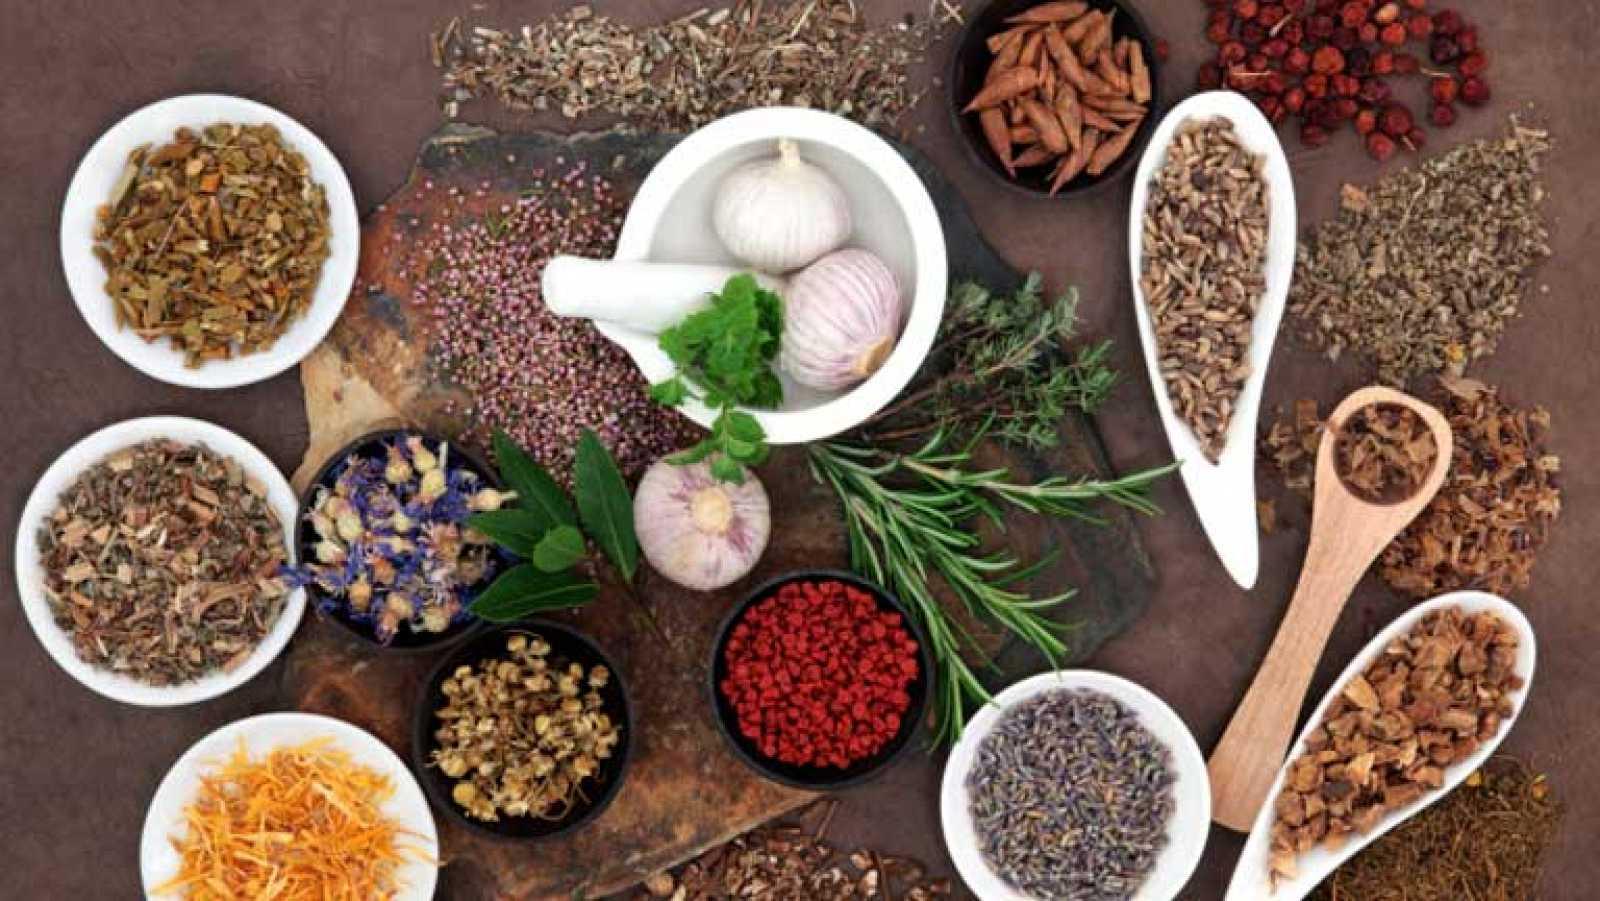 El Ministerio de Sanidad trabaja en una normativa para regular los productos homeopáticos